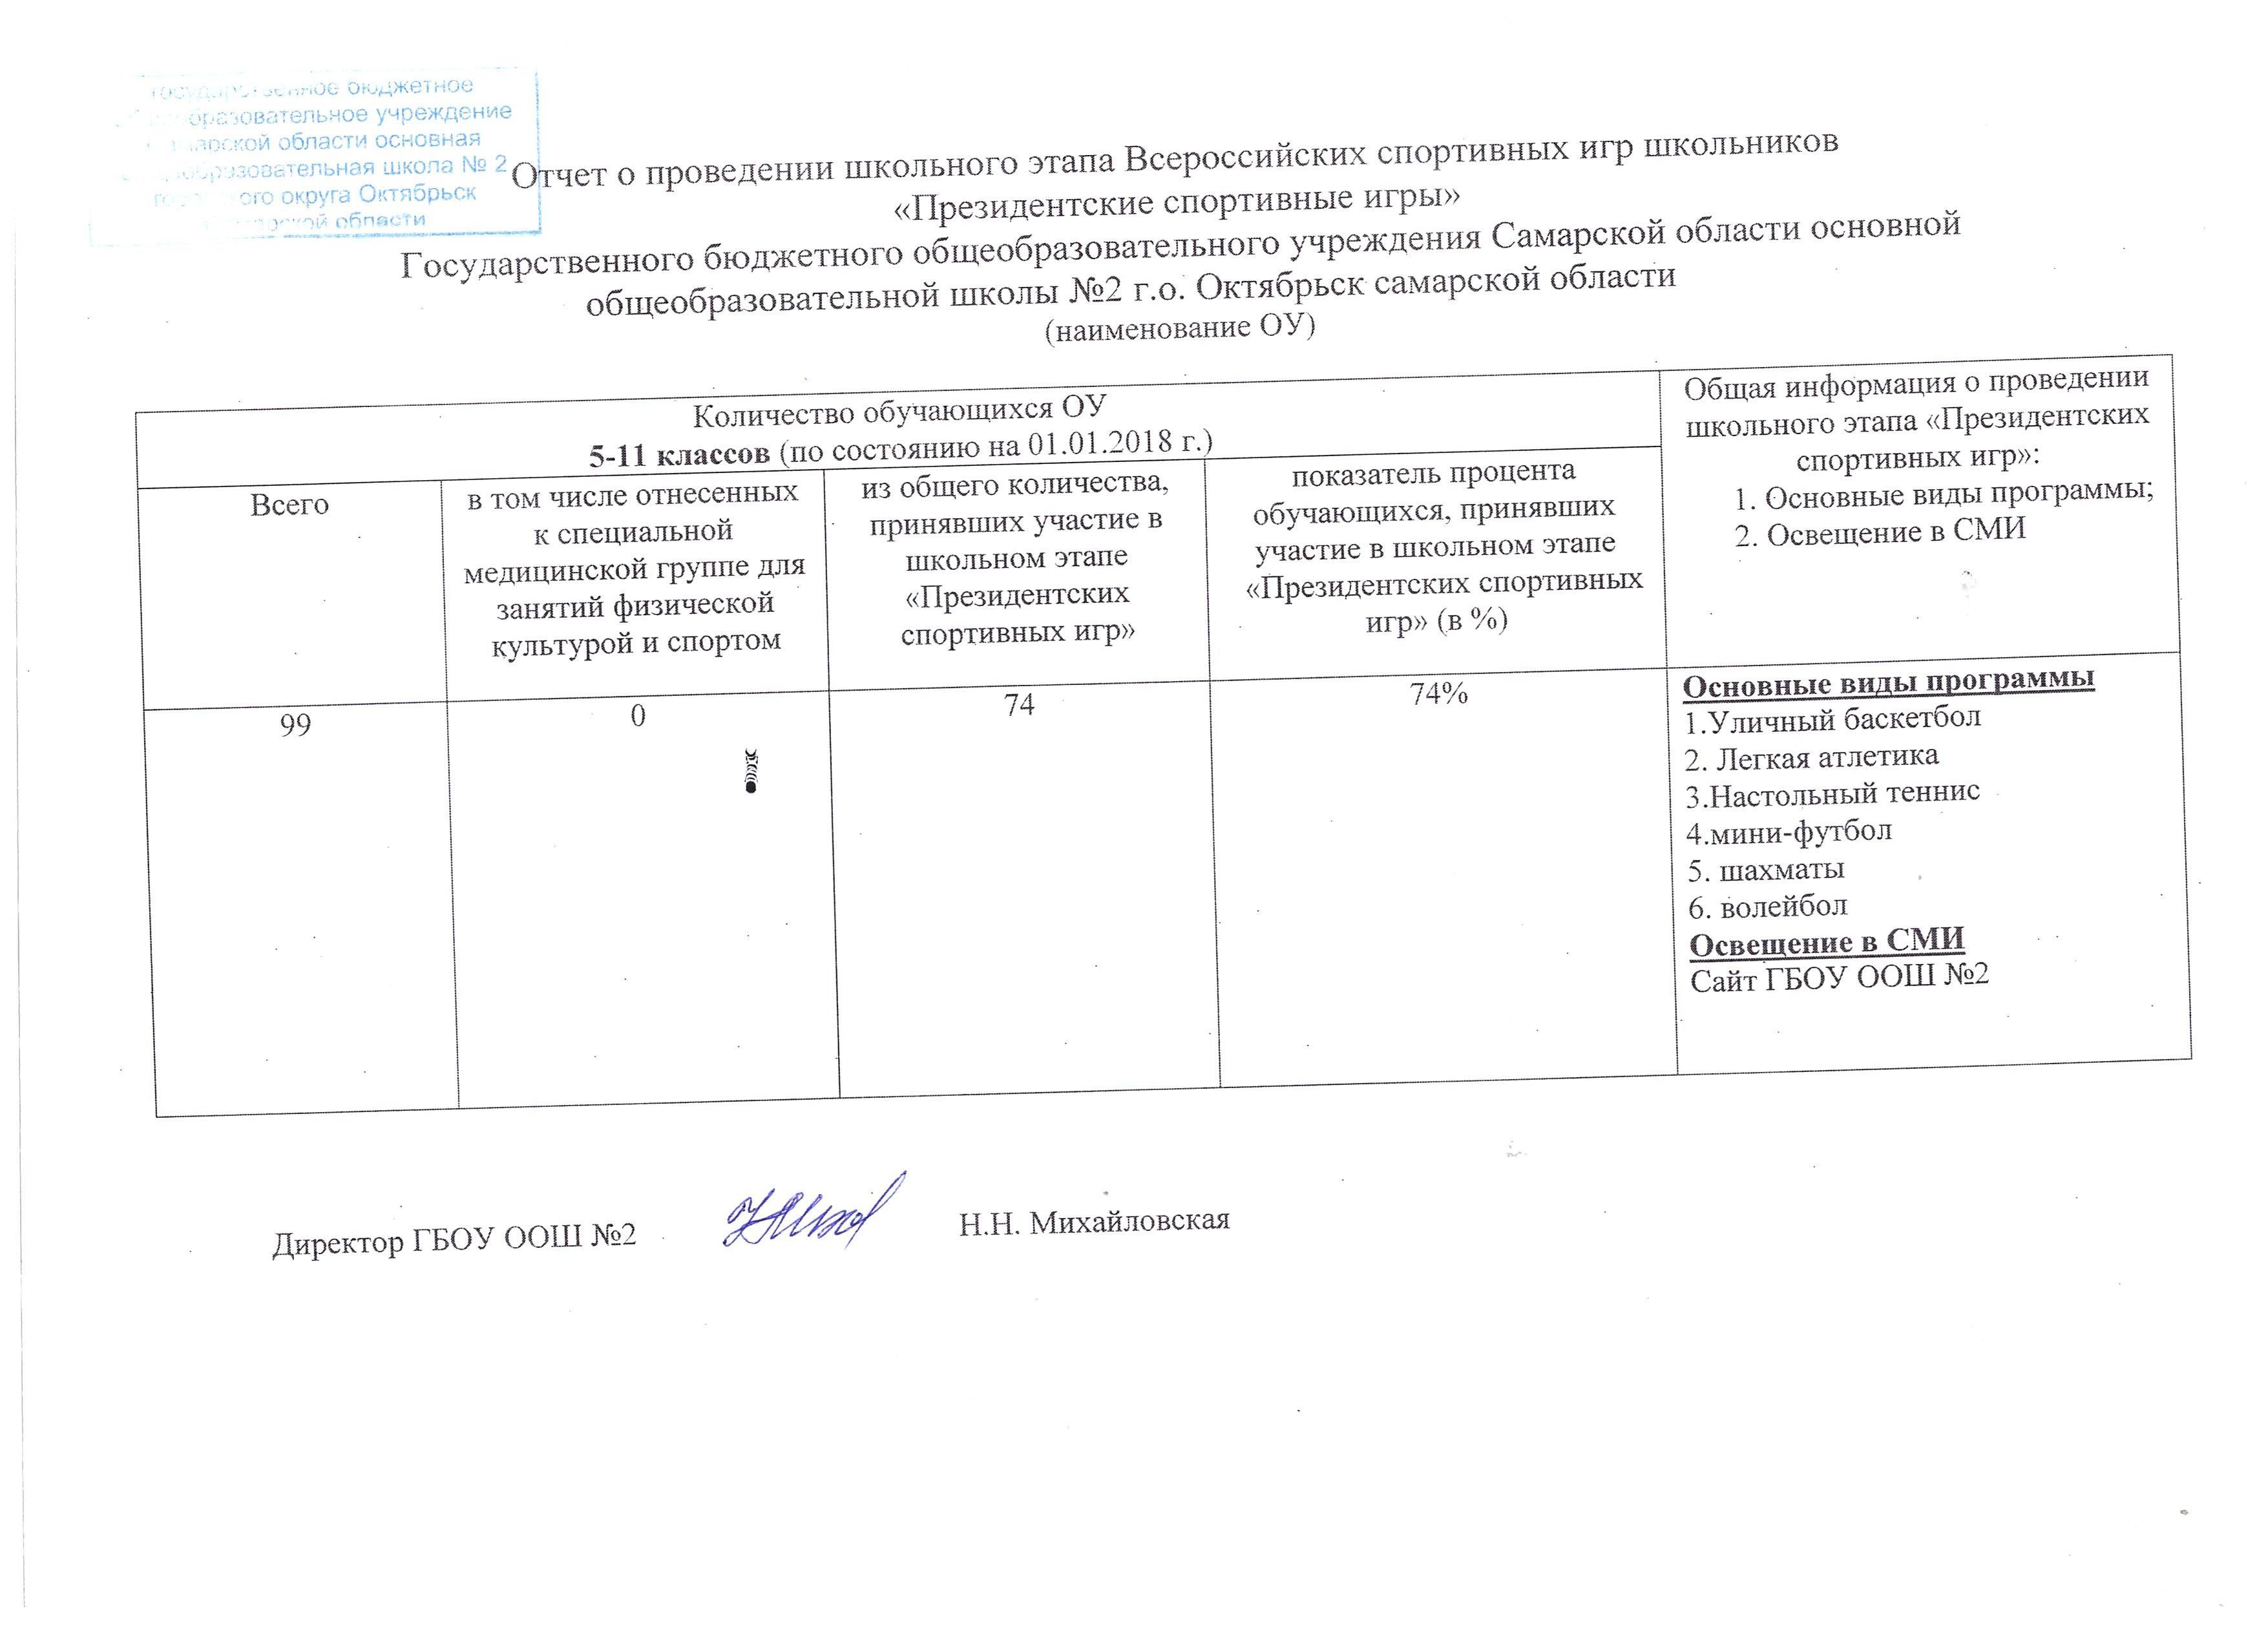 """Отчет о проведении """"Президентских спортивных игр"""""""